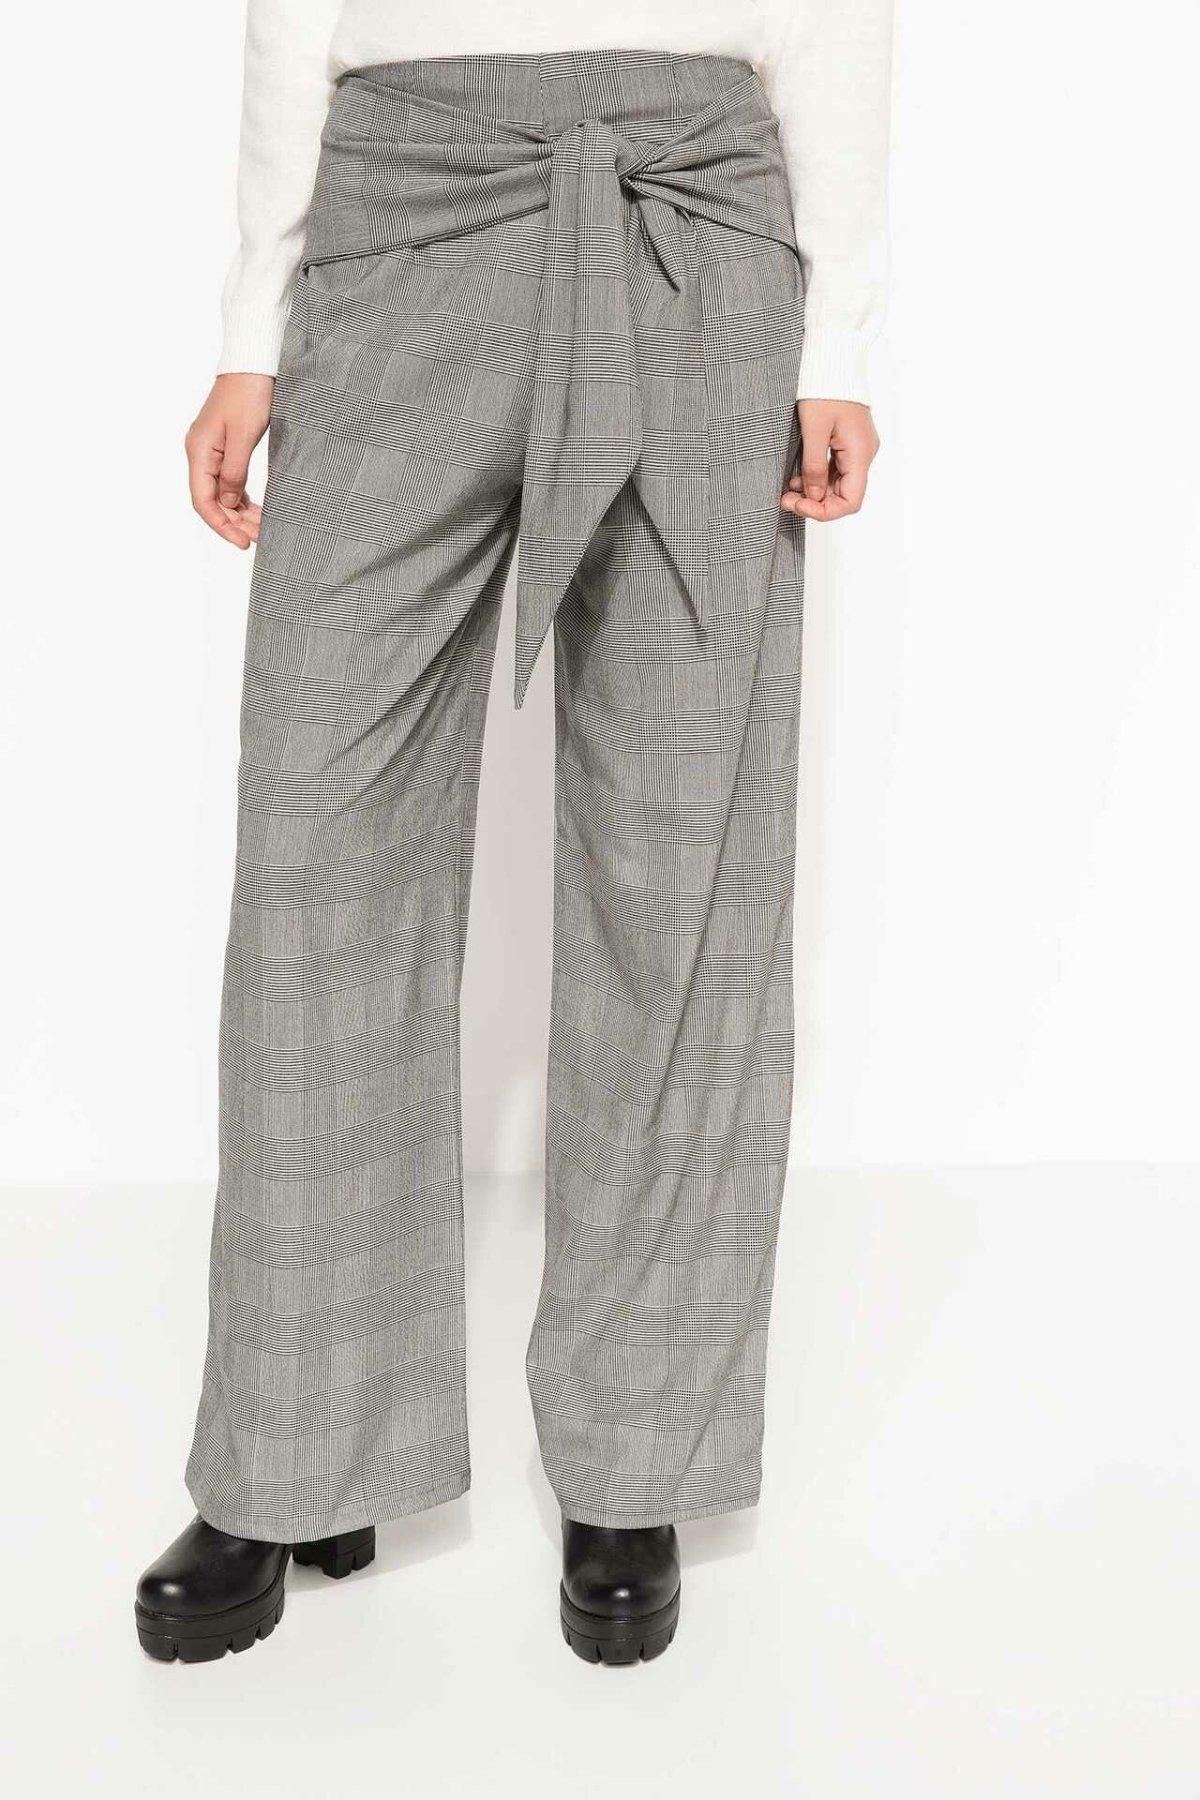 DeFacto Woman Fashion Trousers Office Ladies Belts Plaid Wide-leg Pants High Quality Simple Bottoms - I5295AZ18SP